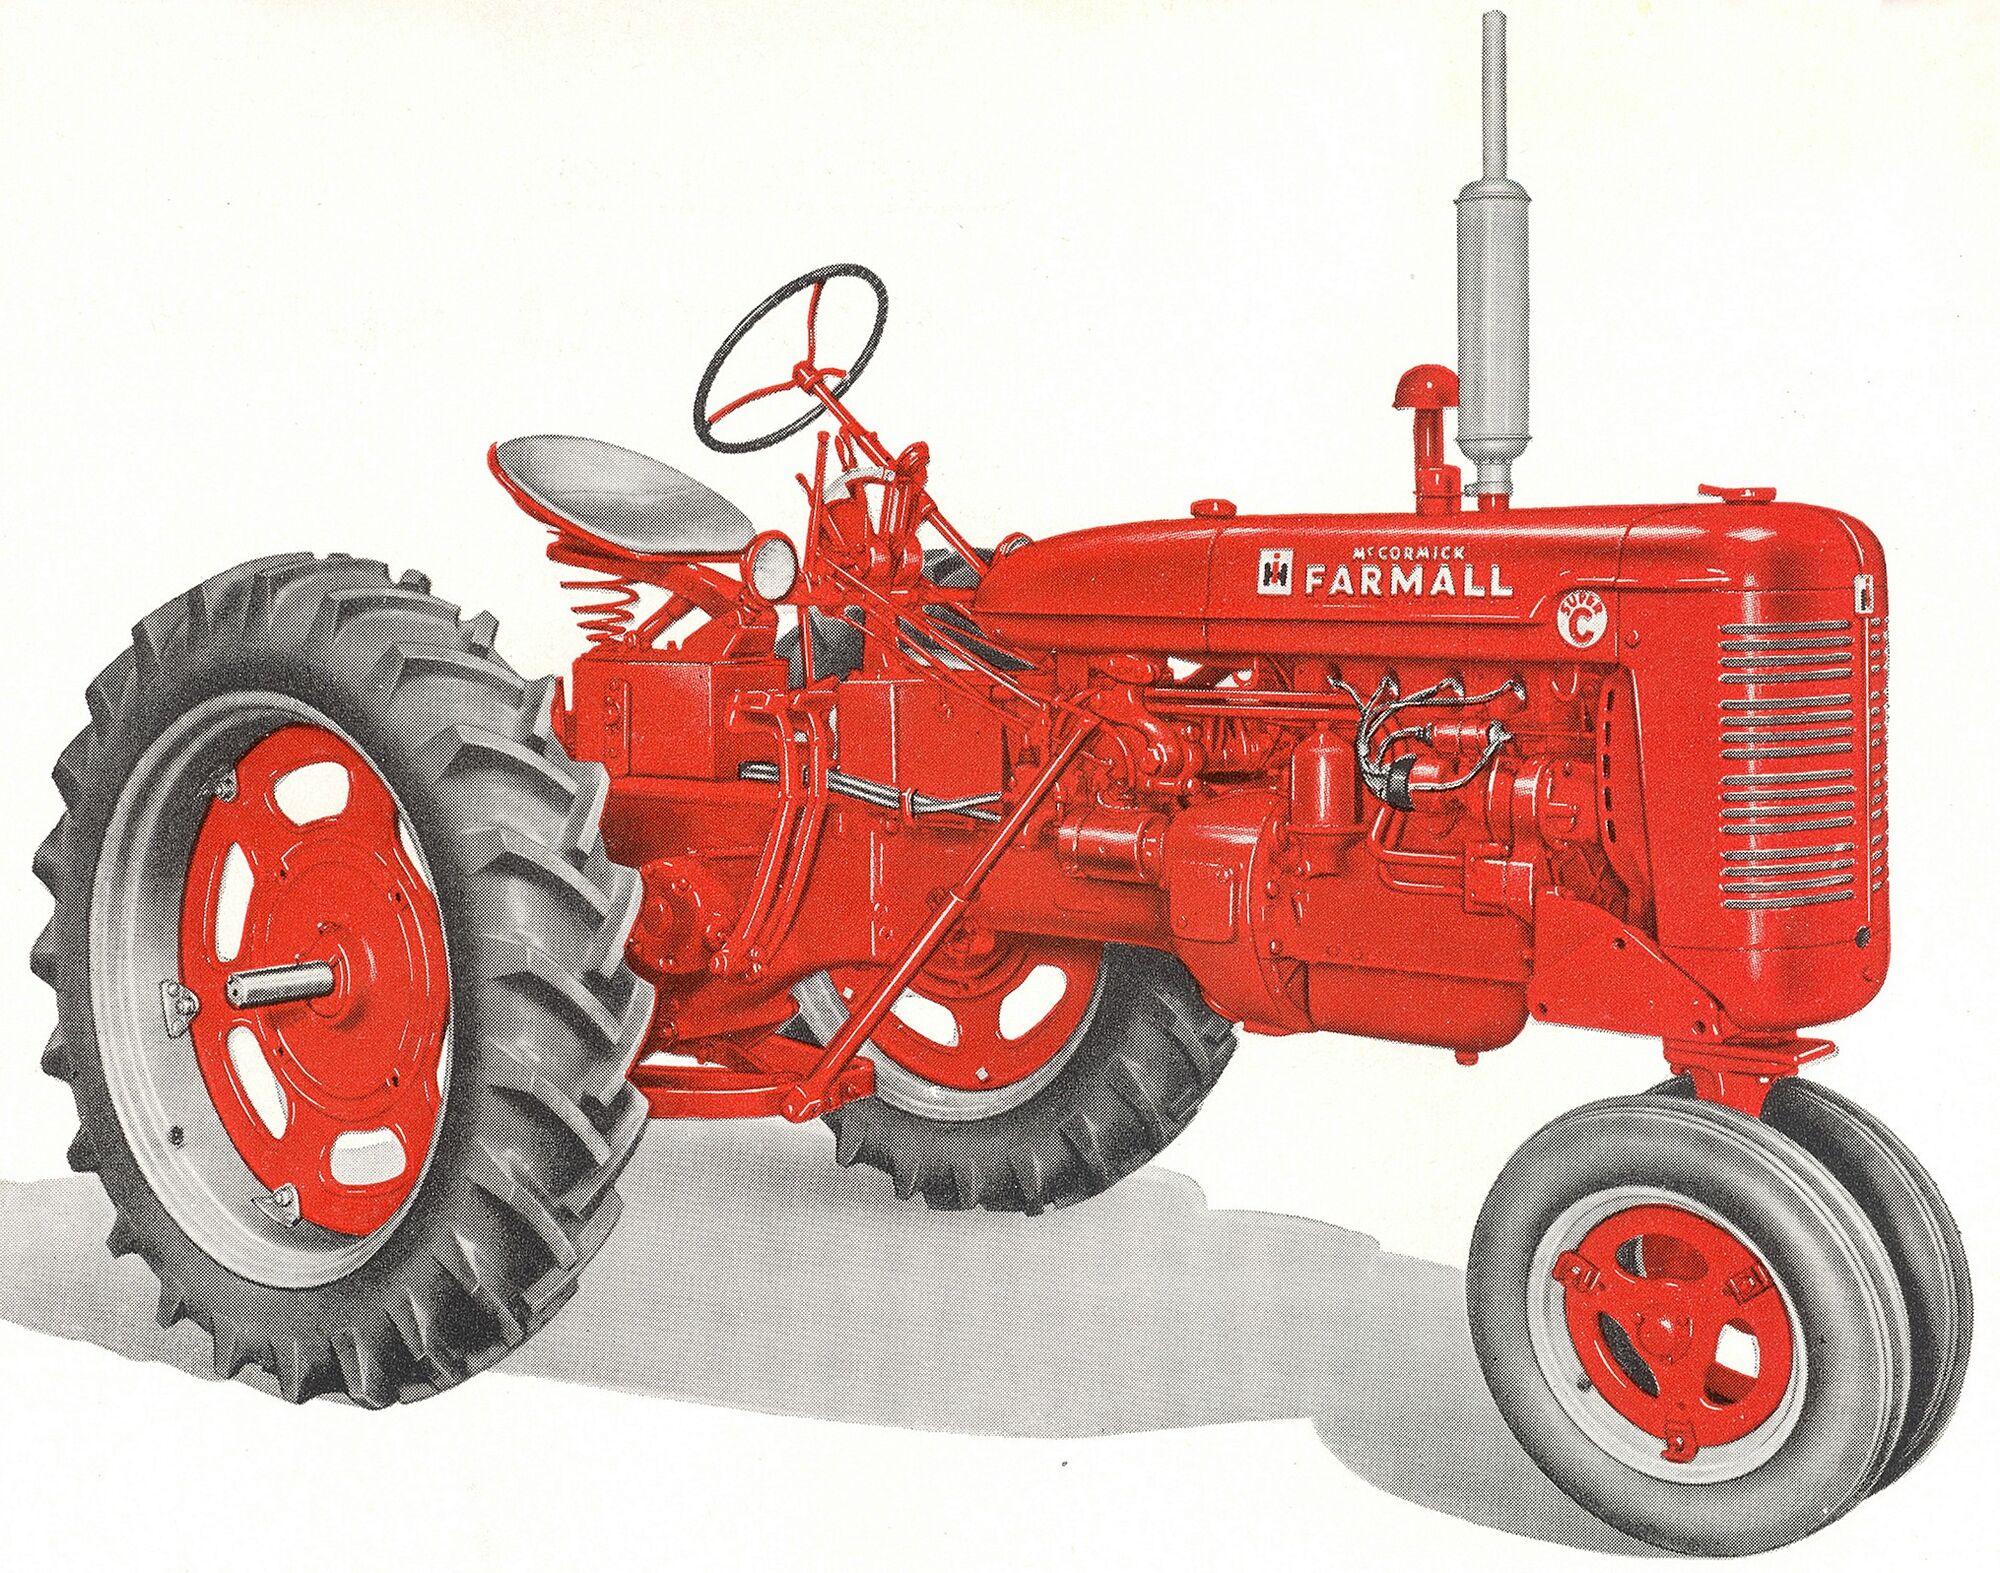 Farmall C Tractor : Farmall super c tractor construction plant wiki